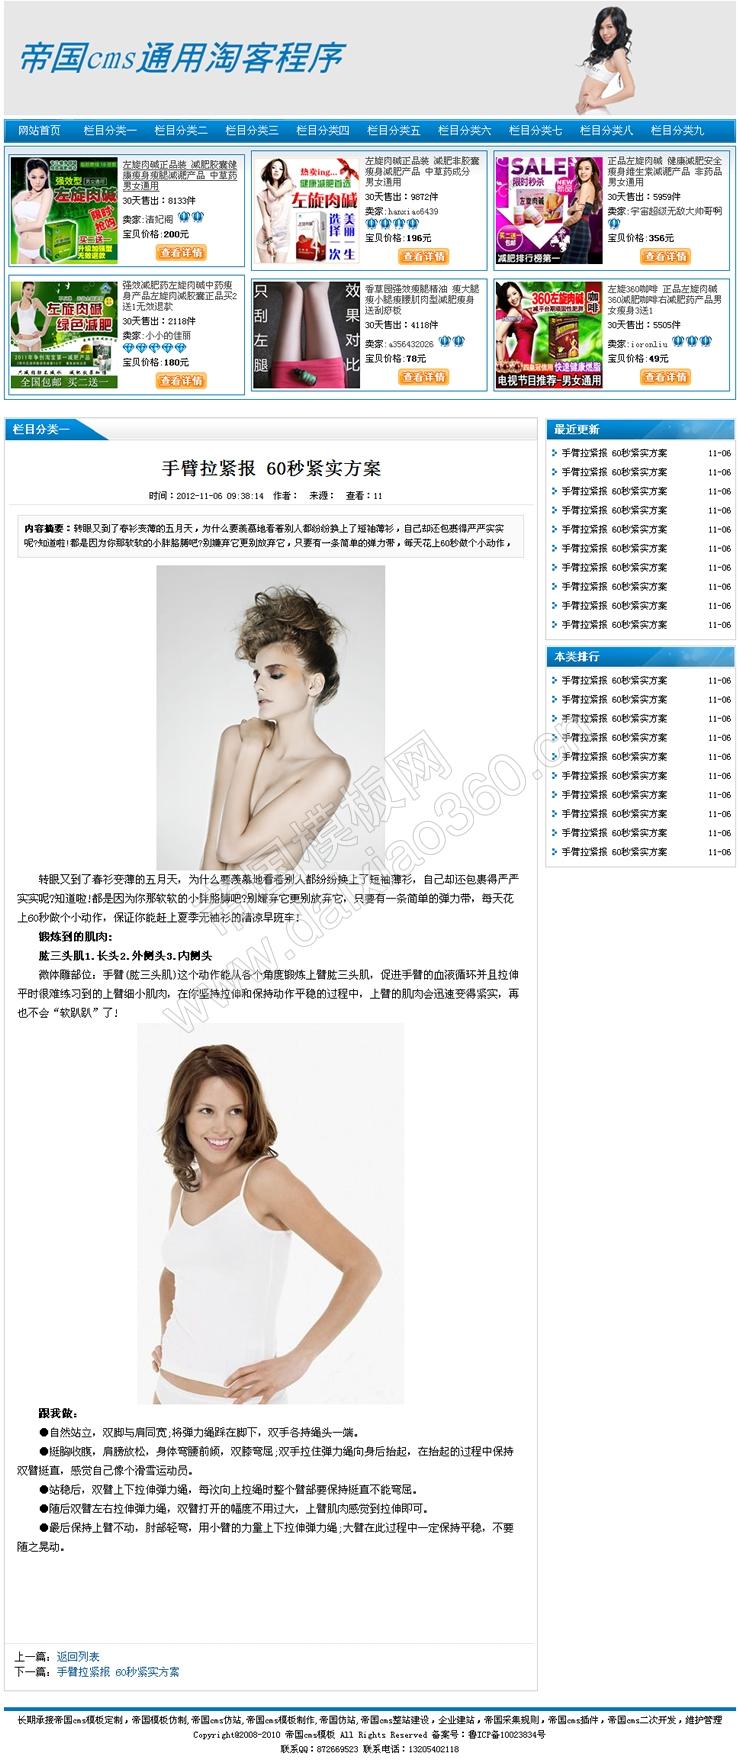 帝国cms蓝色版最新淘宝客程序加文章发布系统_内容页